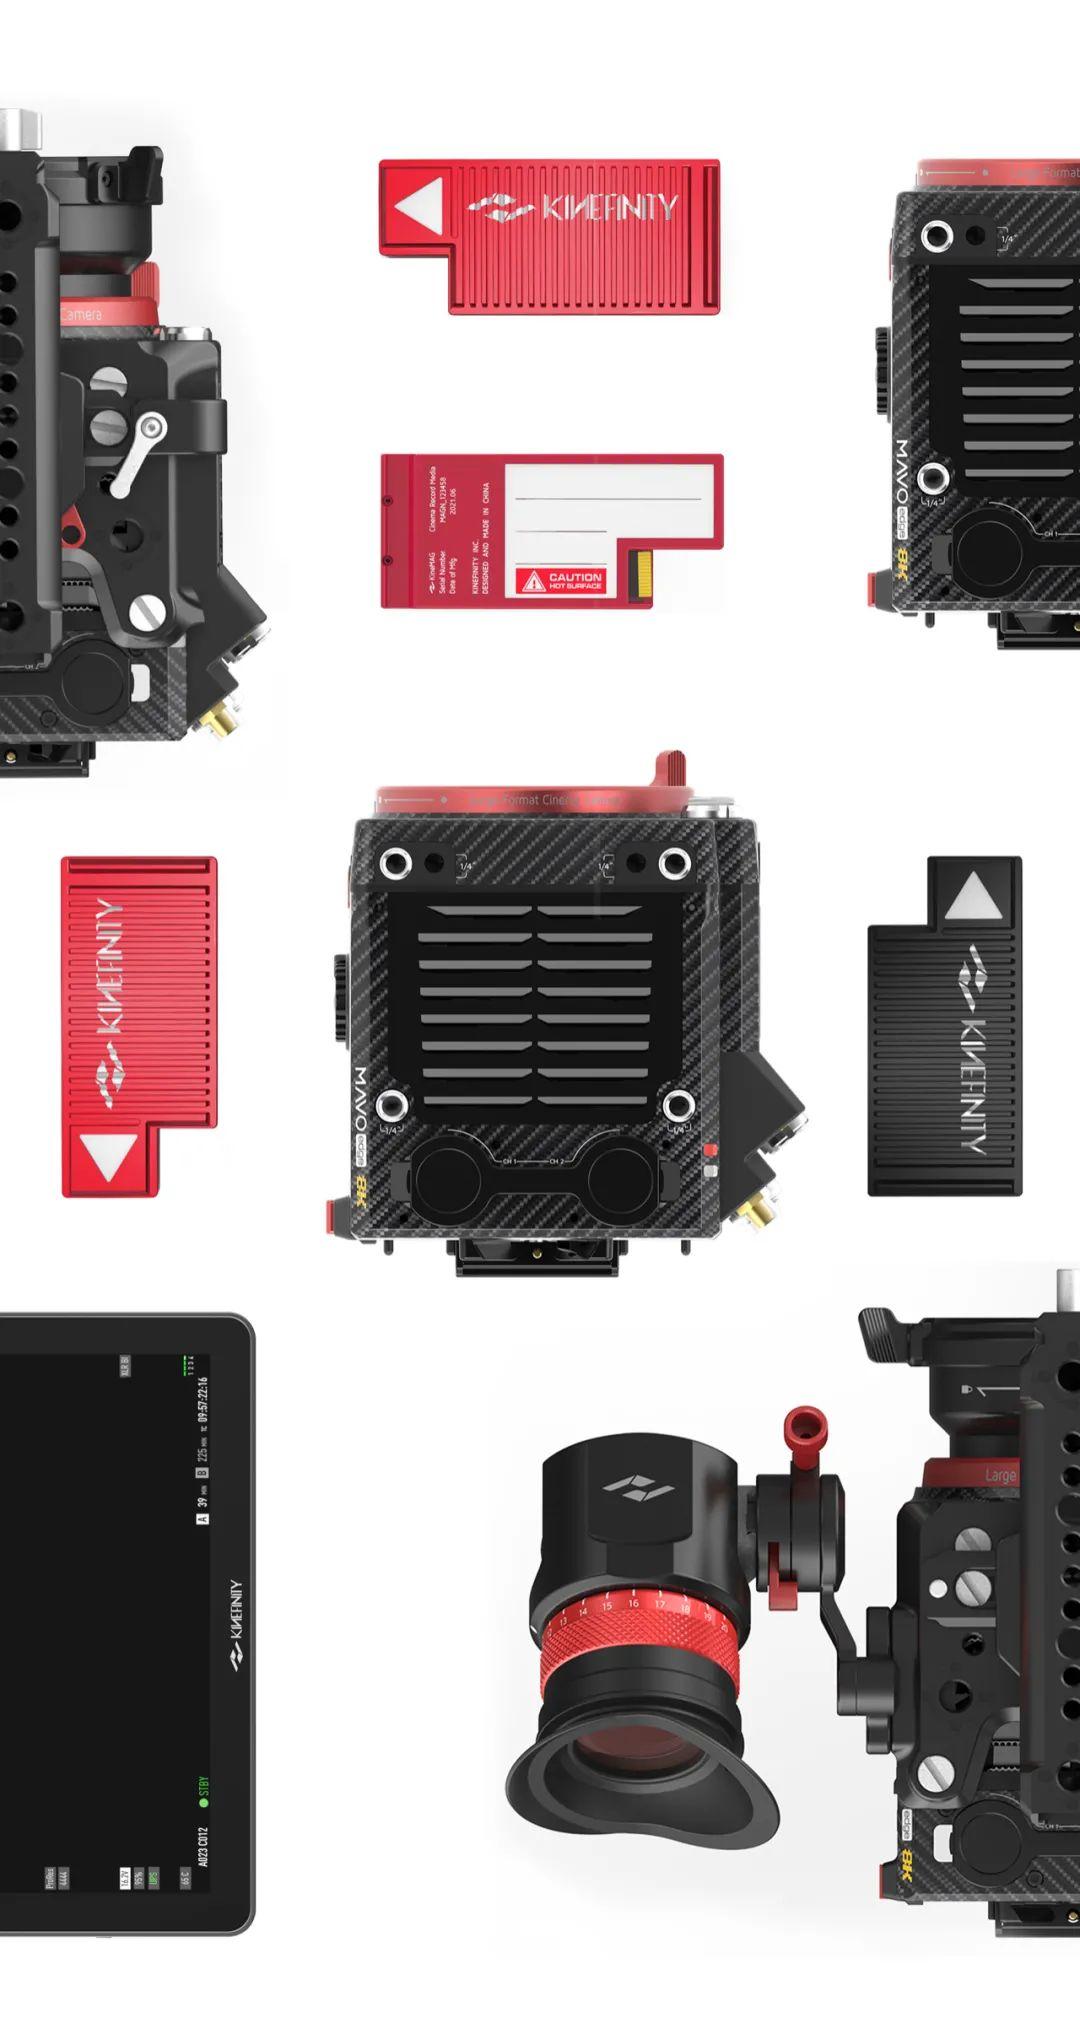 面向未来的8K摄影机系统,全新 KineMAG 存储卡,全解析 8K摄影机 第23张